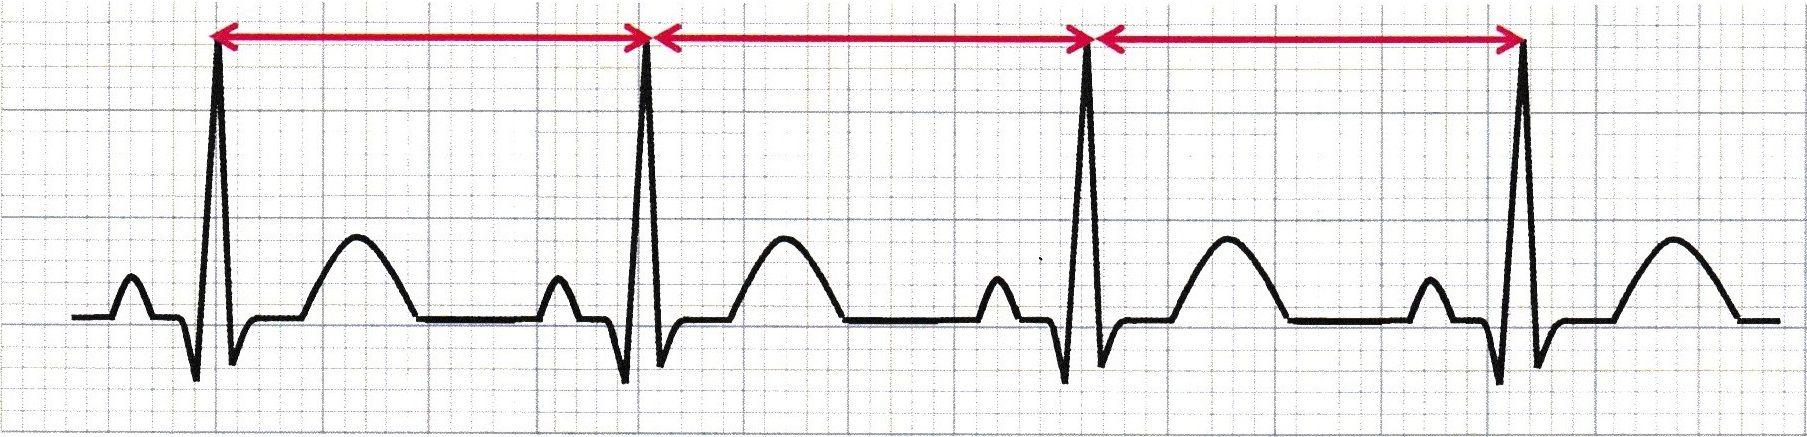 💜正常洞調律(normal sinus rhythm;NSR)💛]の記事一覧   🚑ナースのための『心電図』🚑 - 楽天ブログ